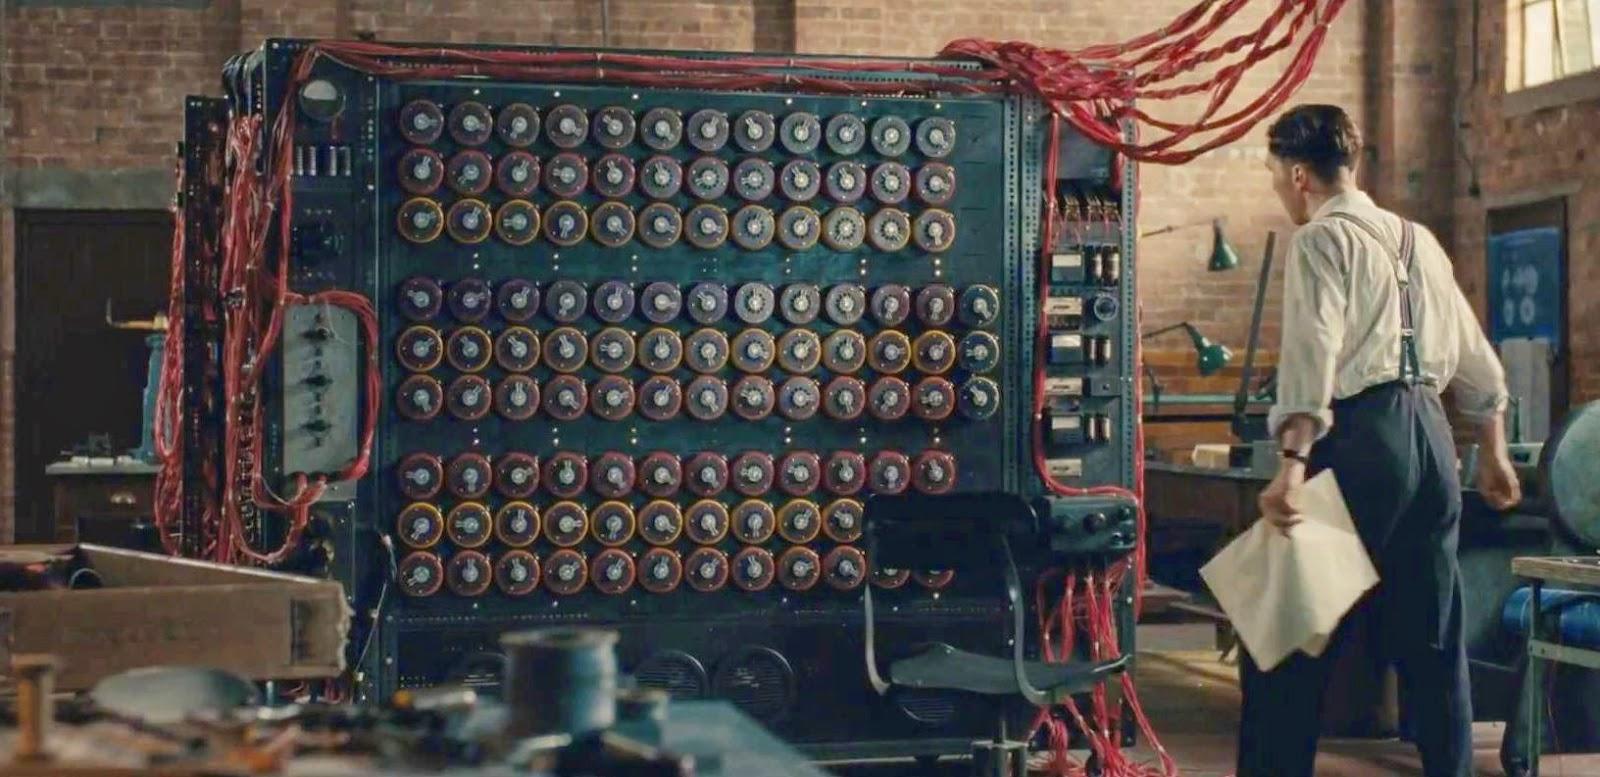 Imagem do Filme O Jogo da Imitação, inspirando na história de Turing